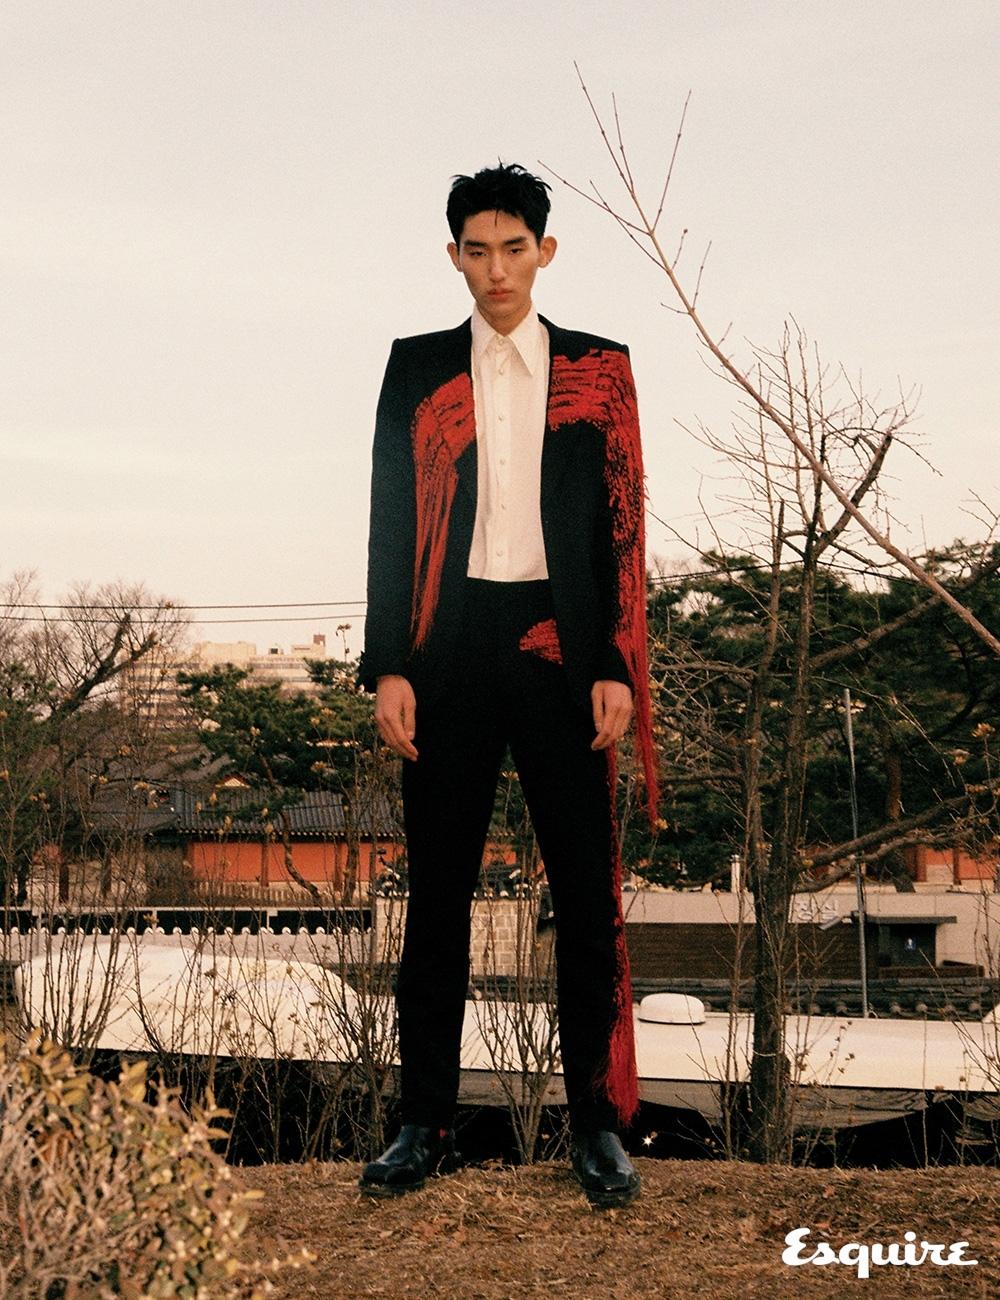 재킷, 셔츠, 바지, 부츠 모두 가격 미정 알렉산더 맥퀸.